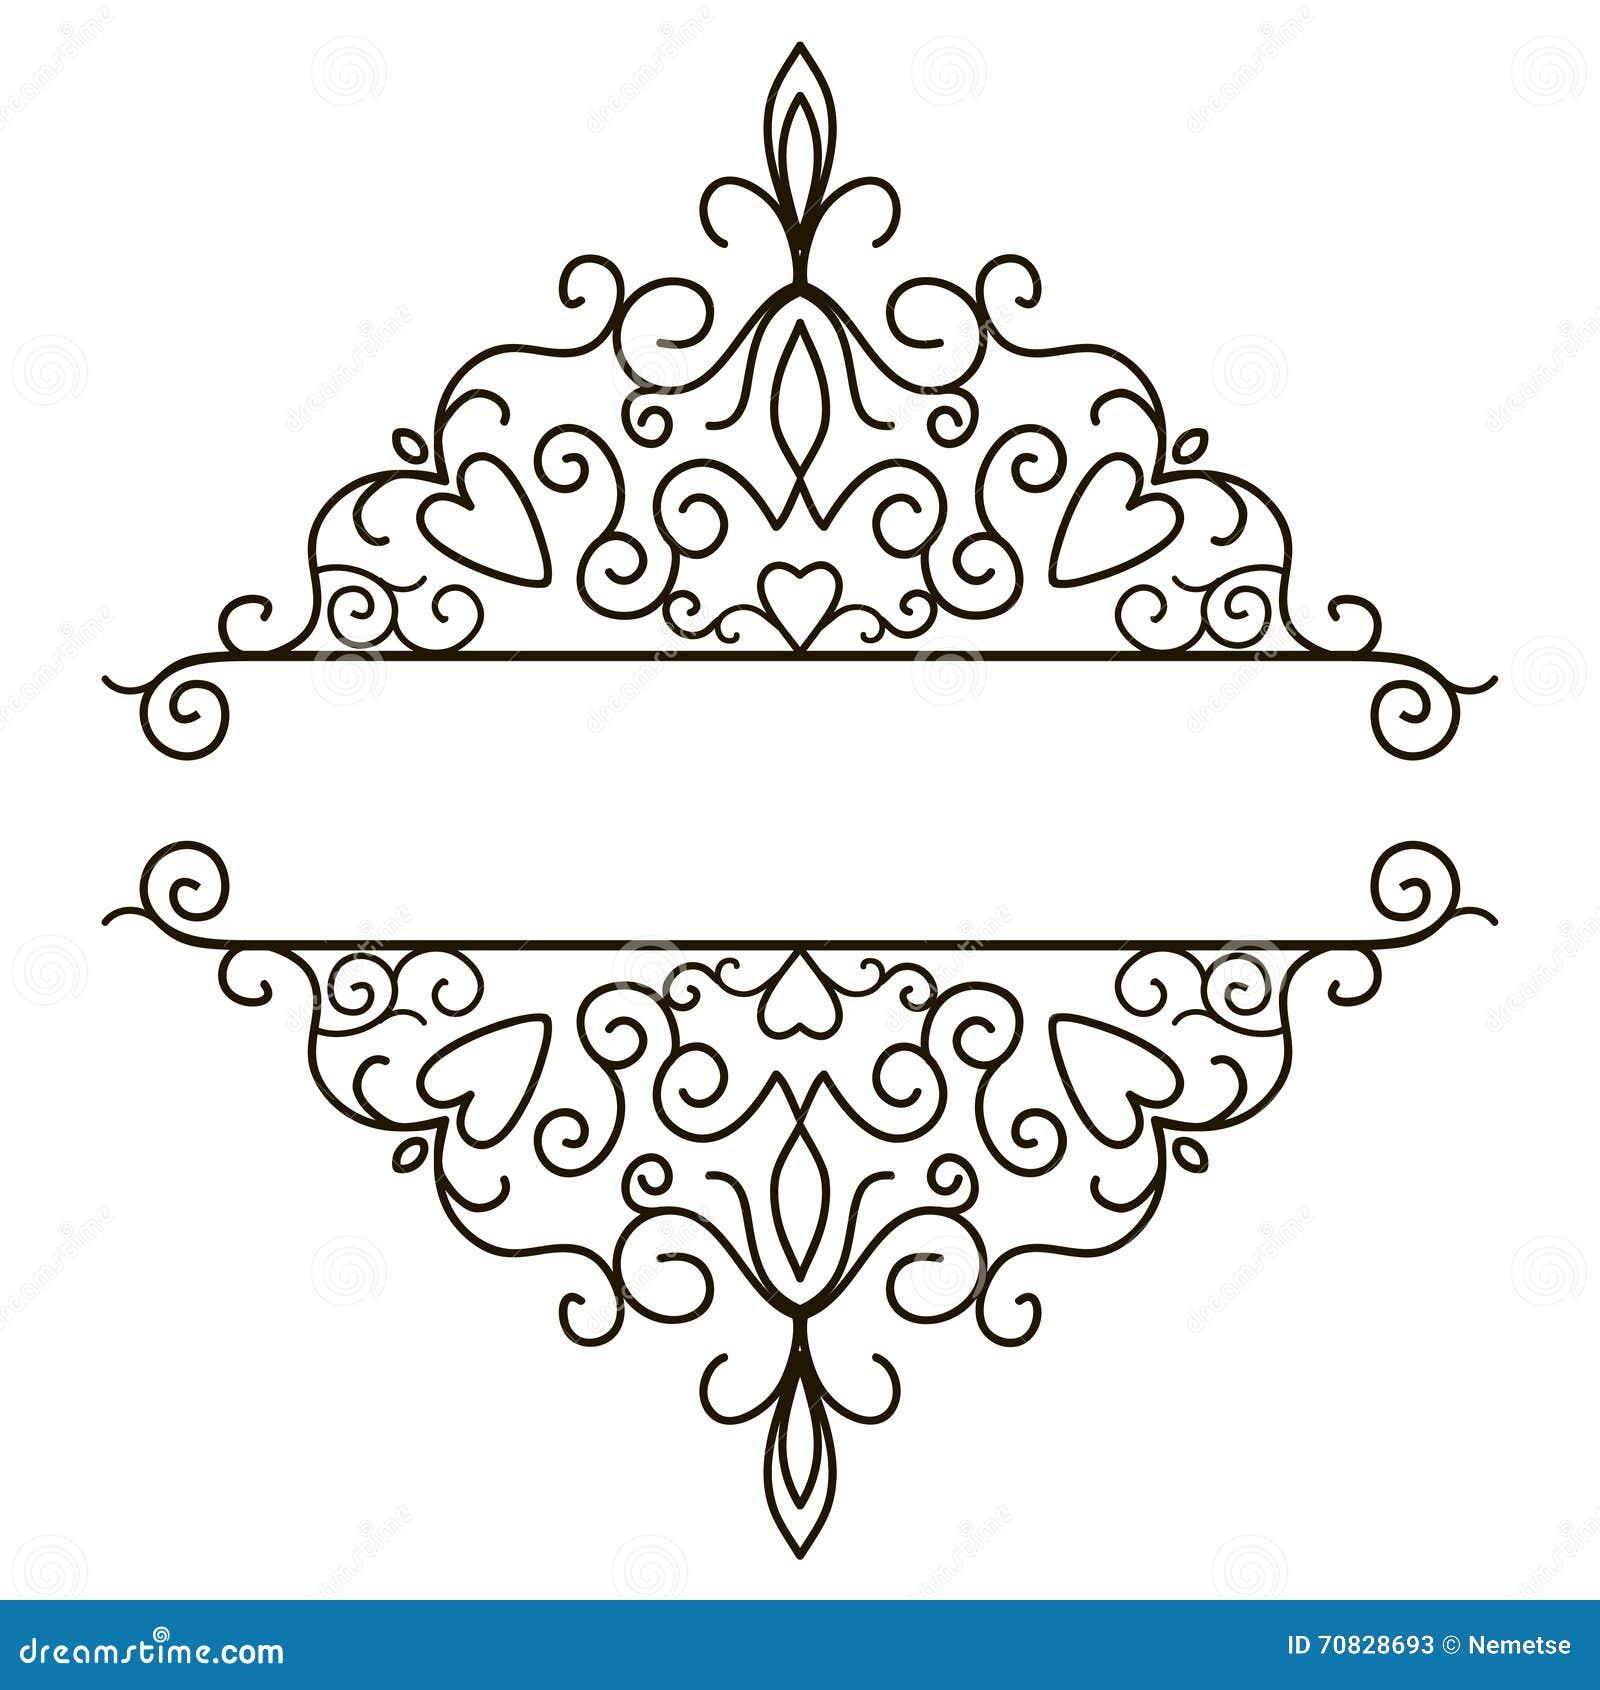 elegant black and white border design - Boat.jeremyeaton.co